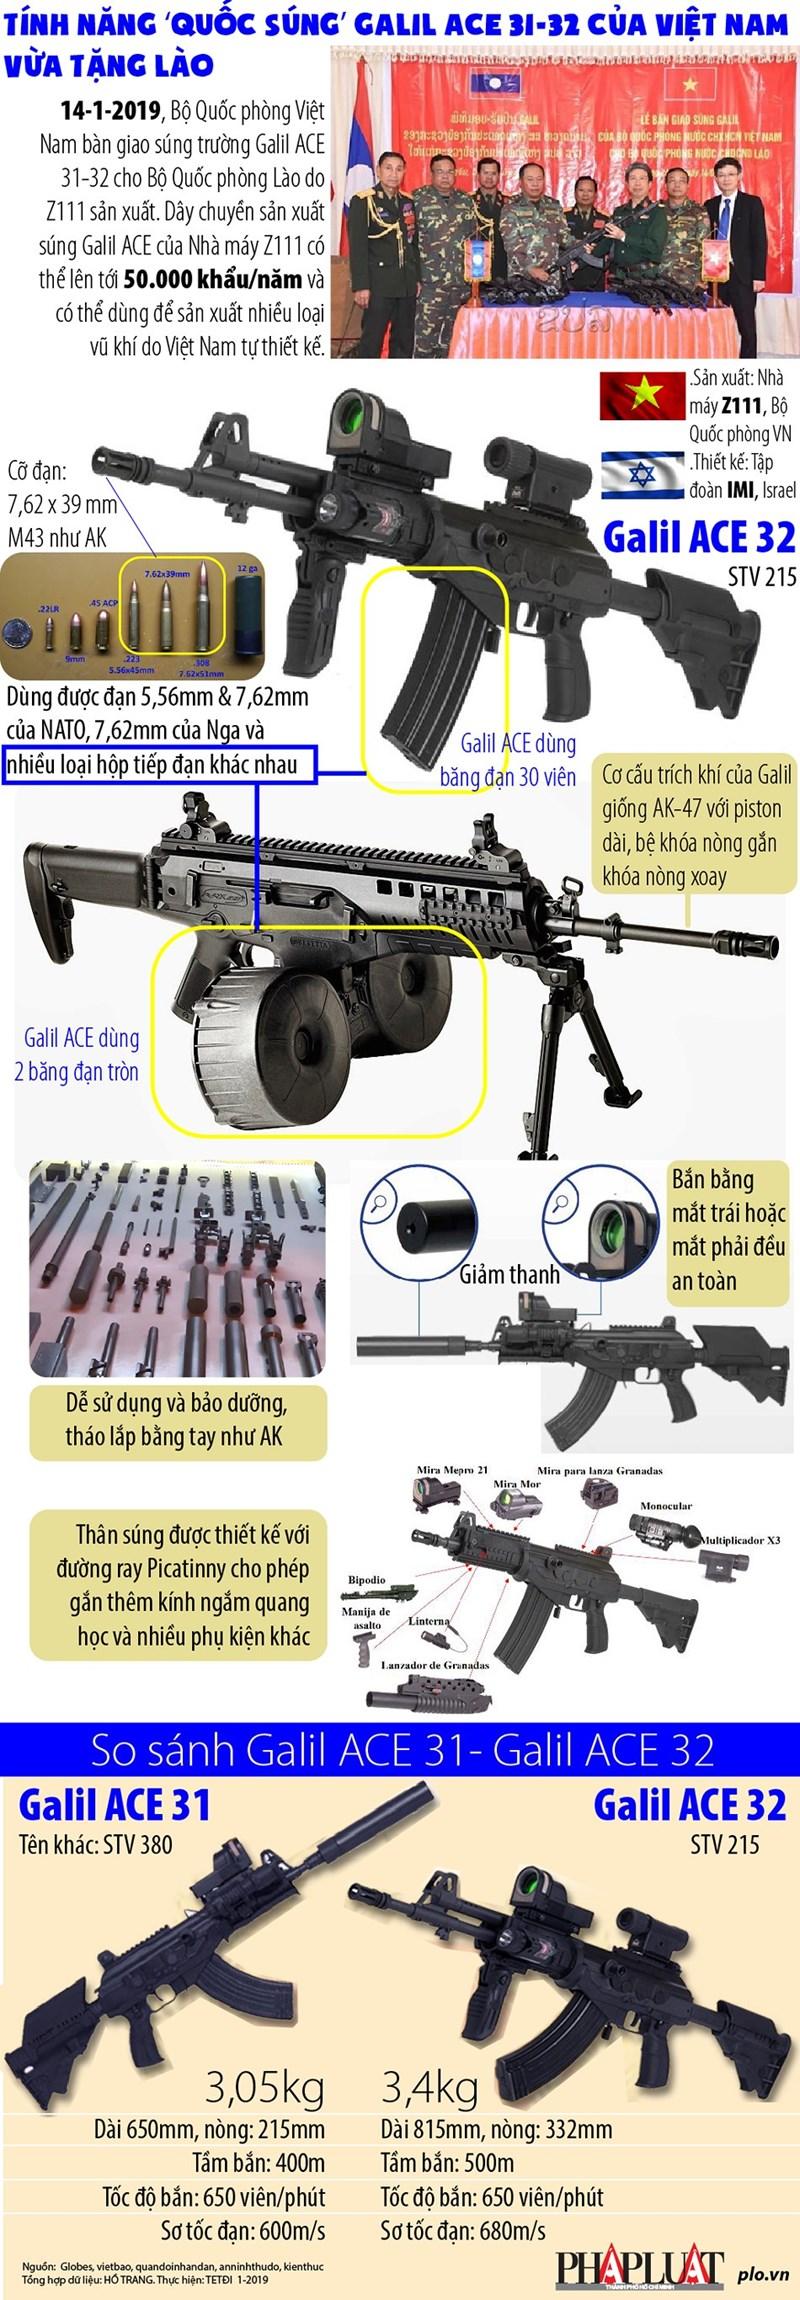 """[Infographic] Uy lực """"quốc súng"""" Galil ACE 31-32 của Việt Nam vừa tặng Lào - Ảnh 1"""